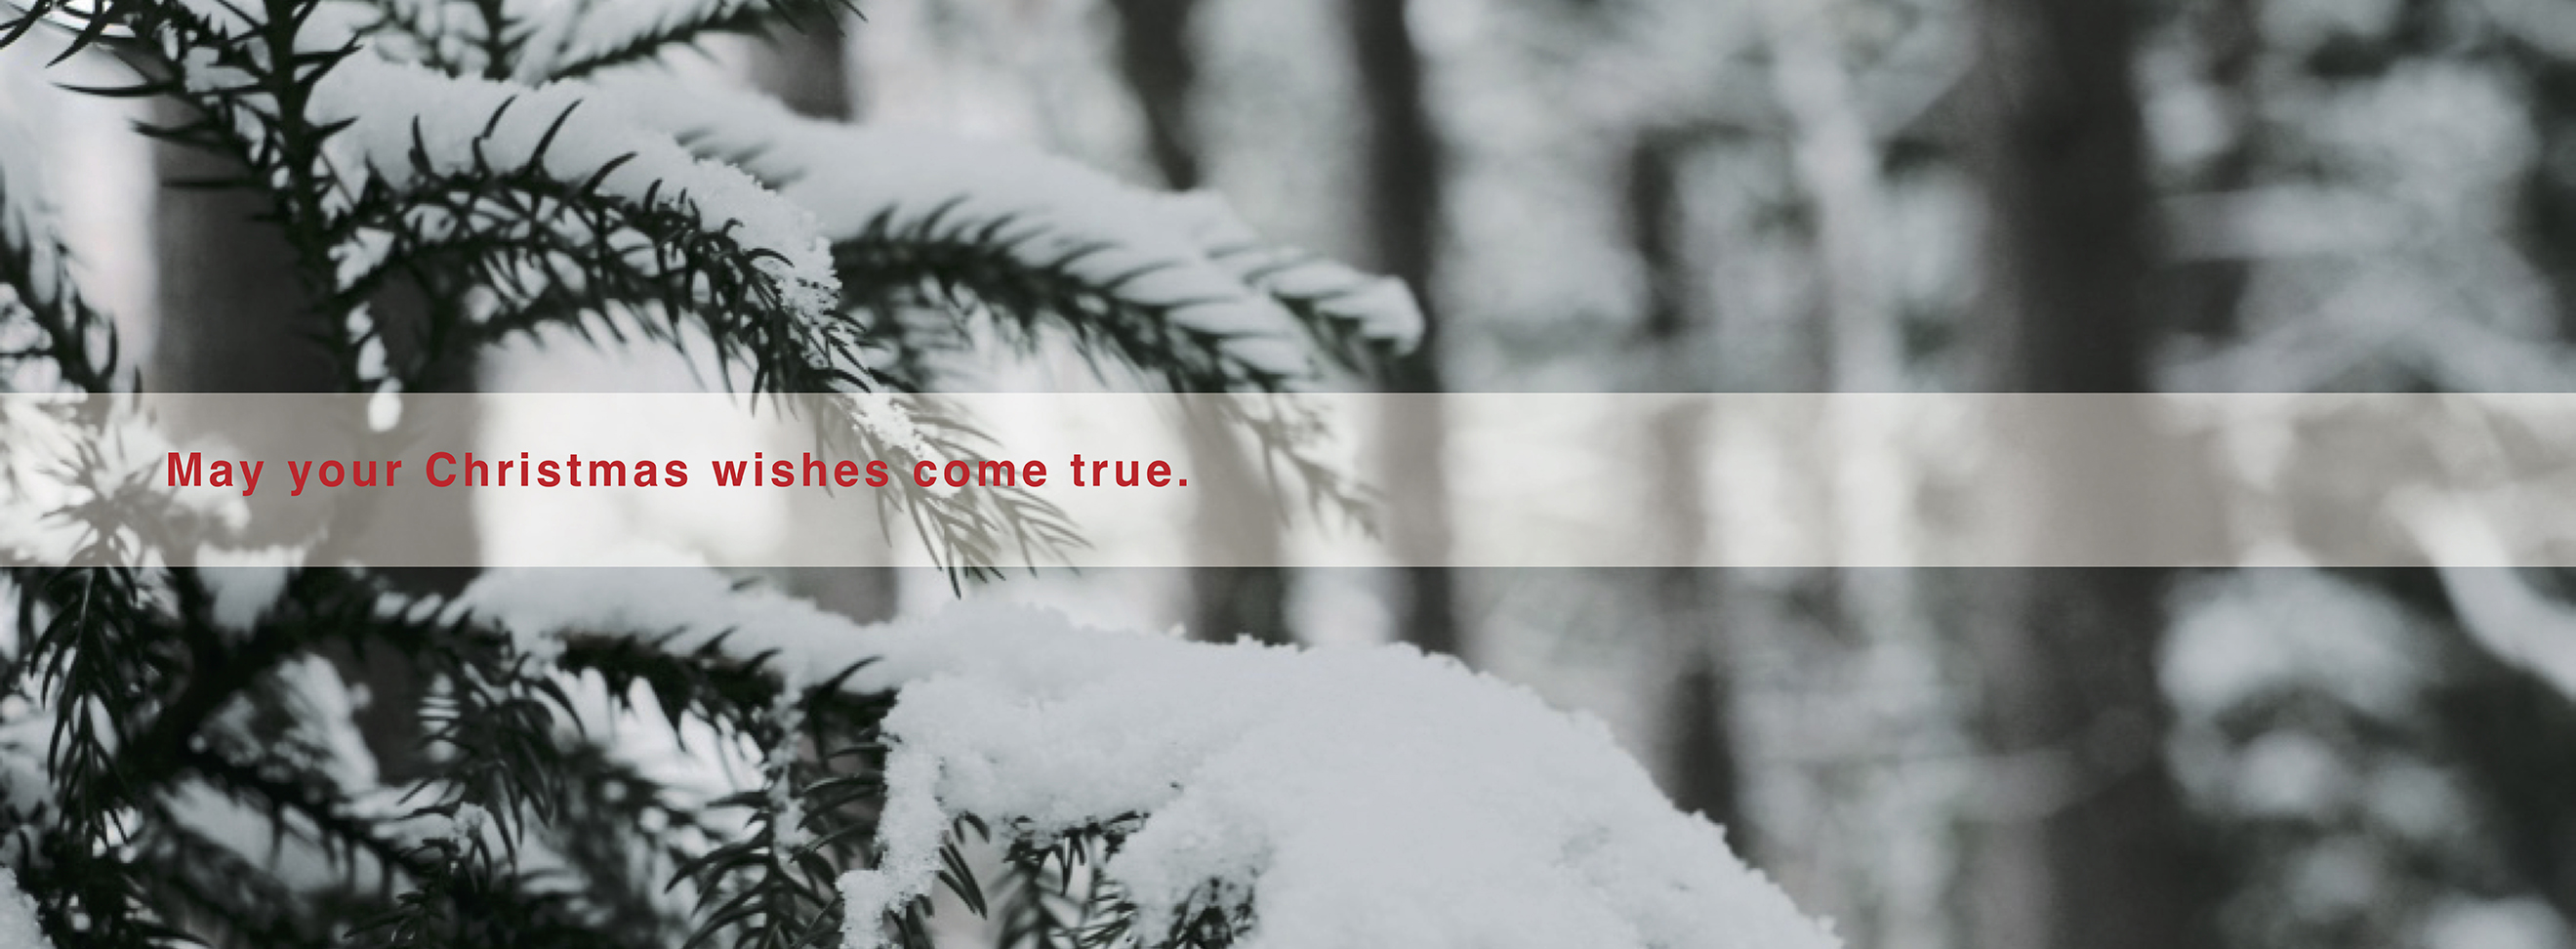 Christmas_banner_1